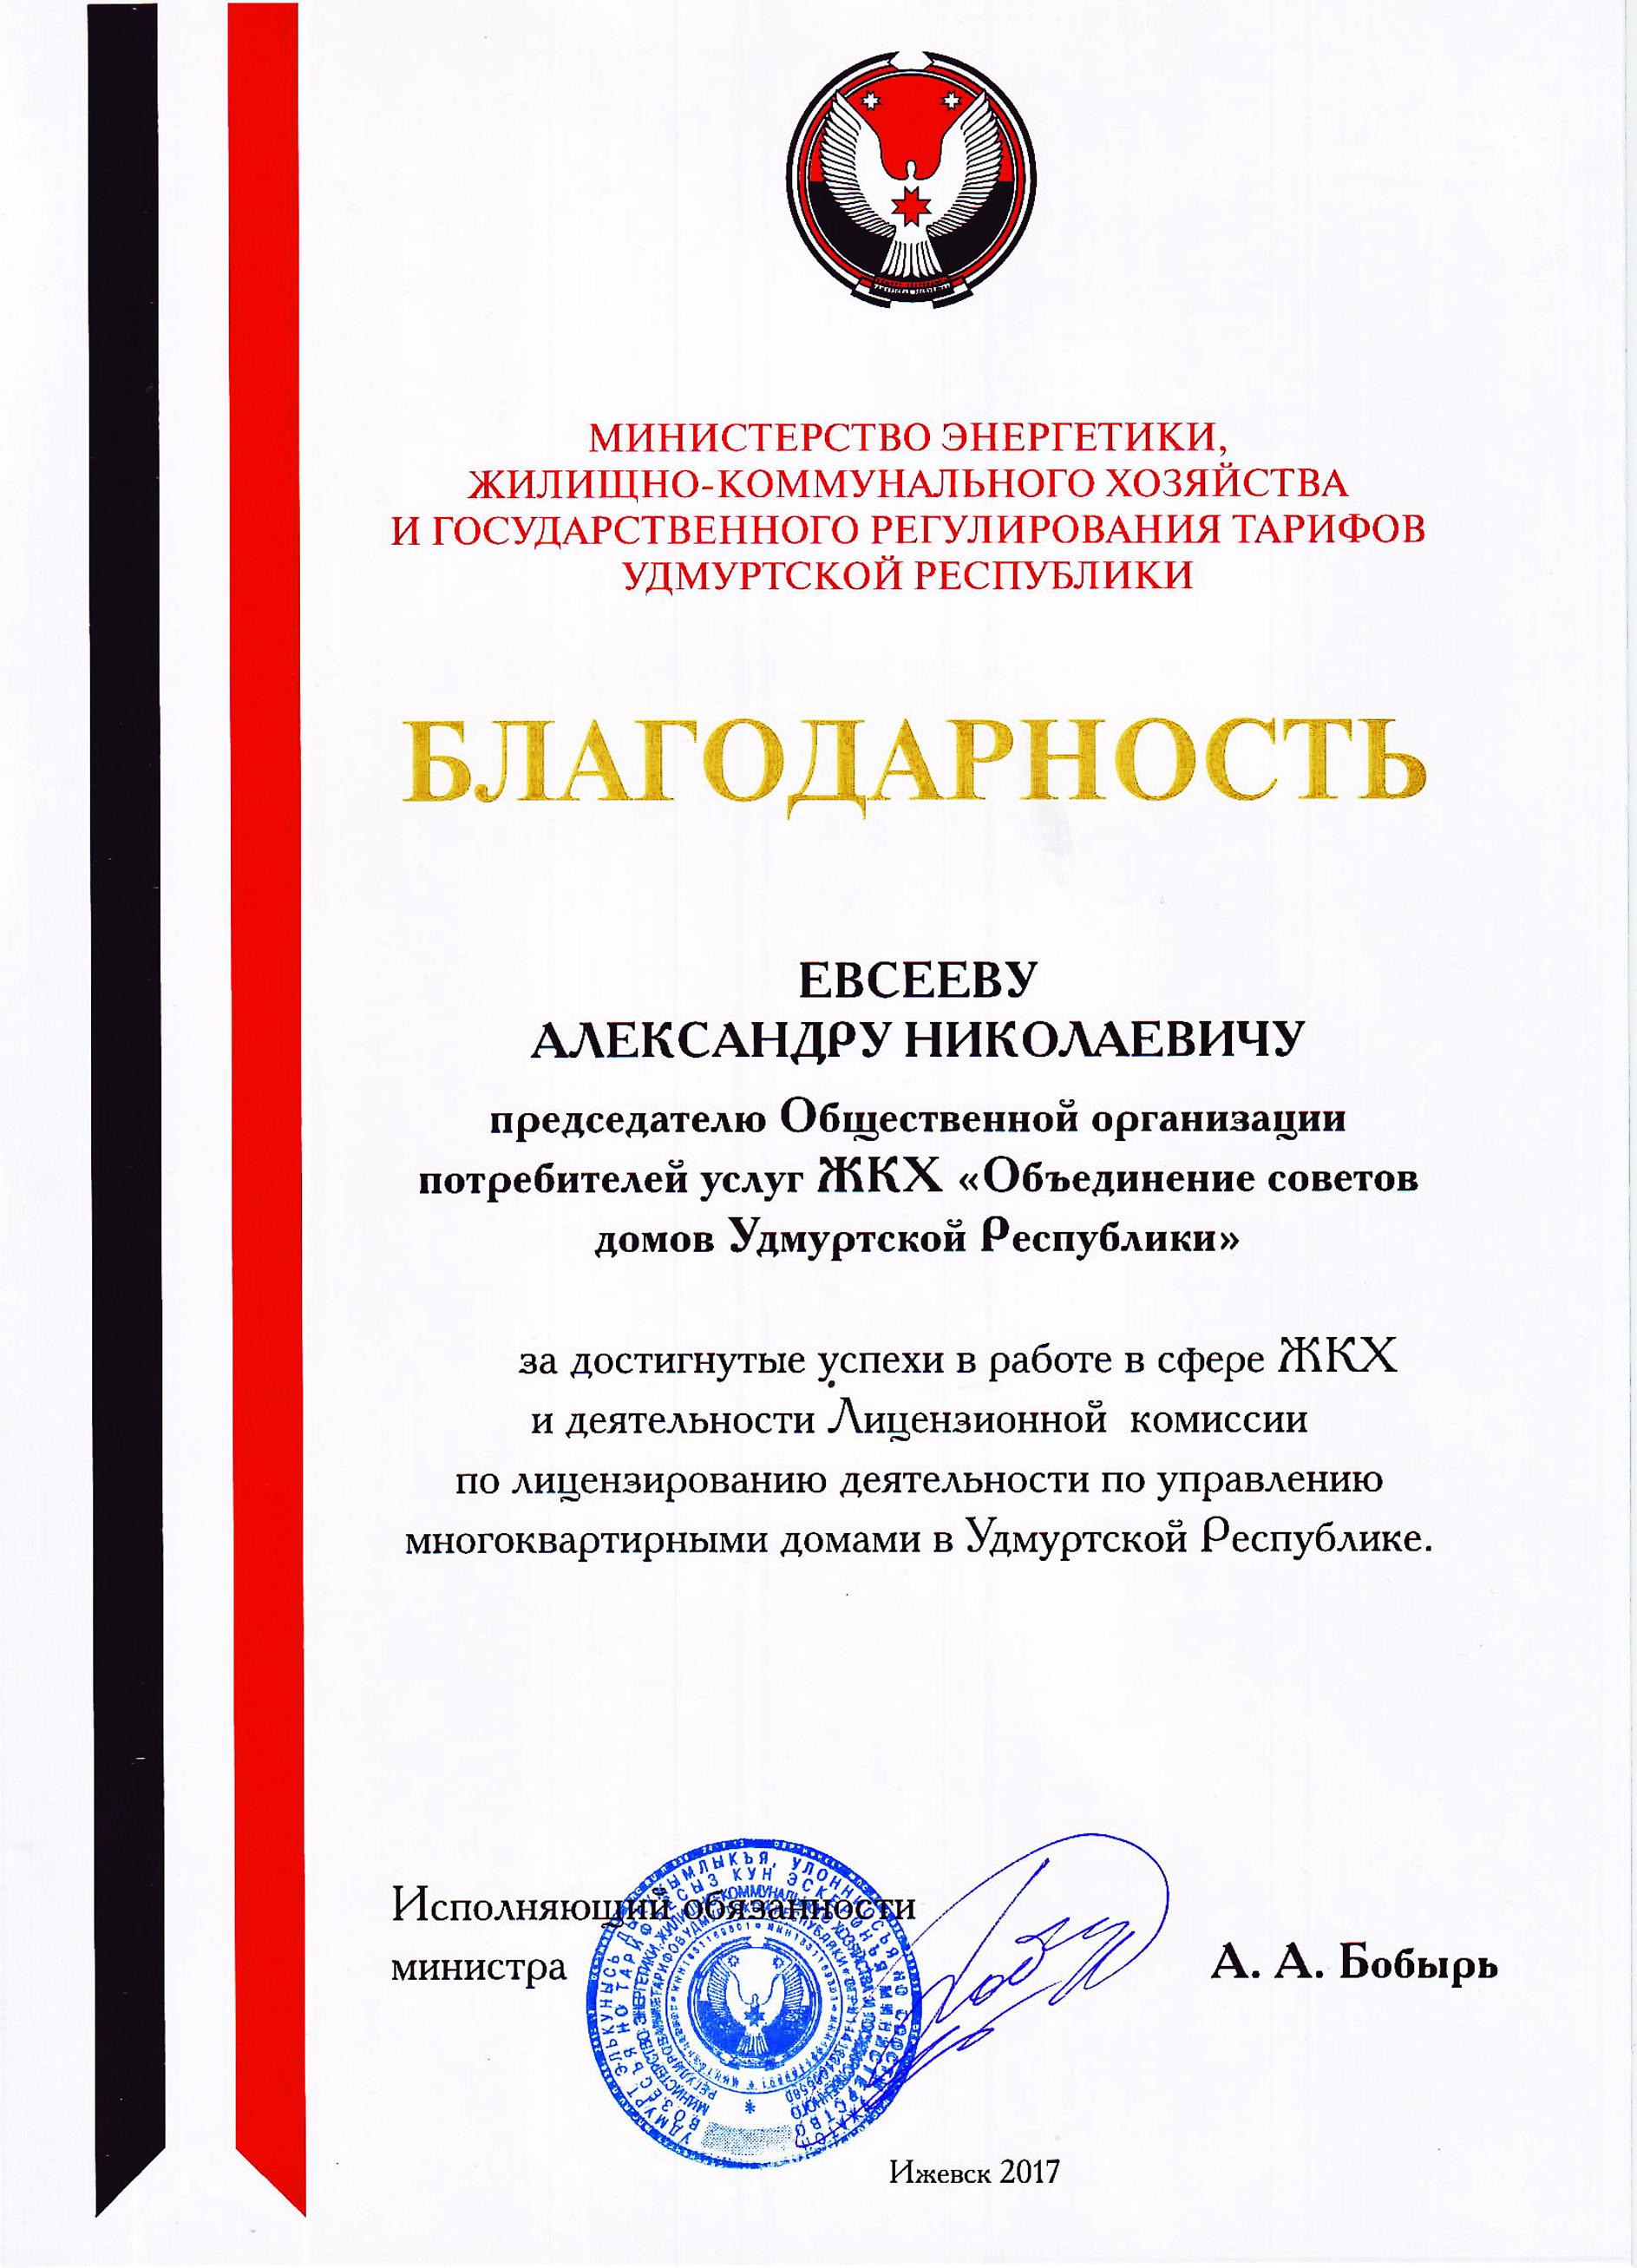 Евсеев А.Н. благодарность-1